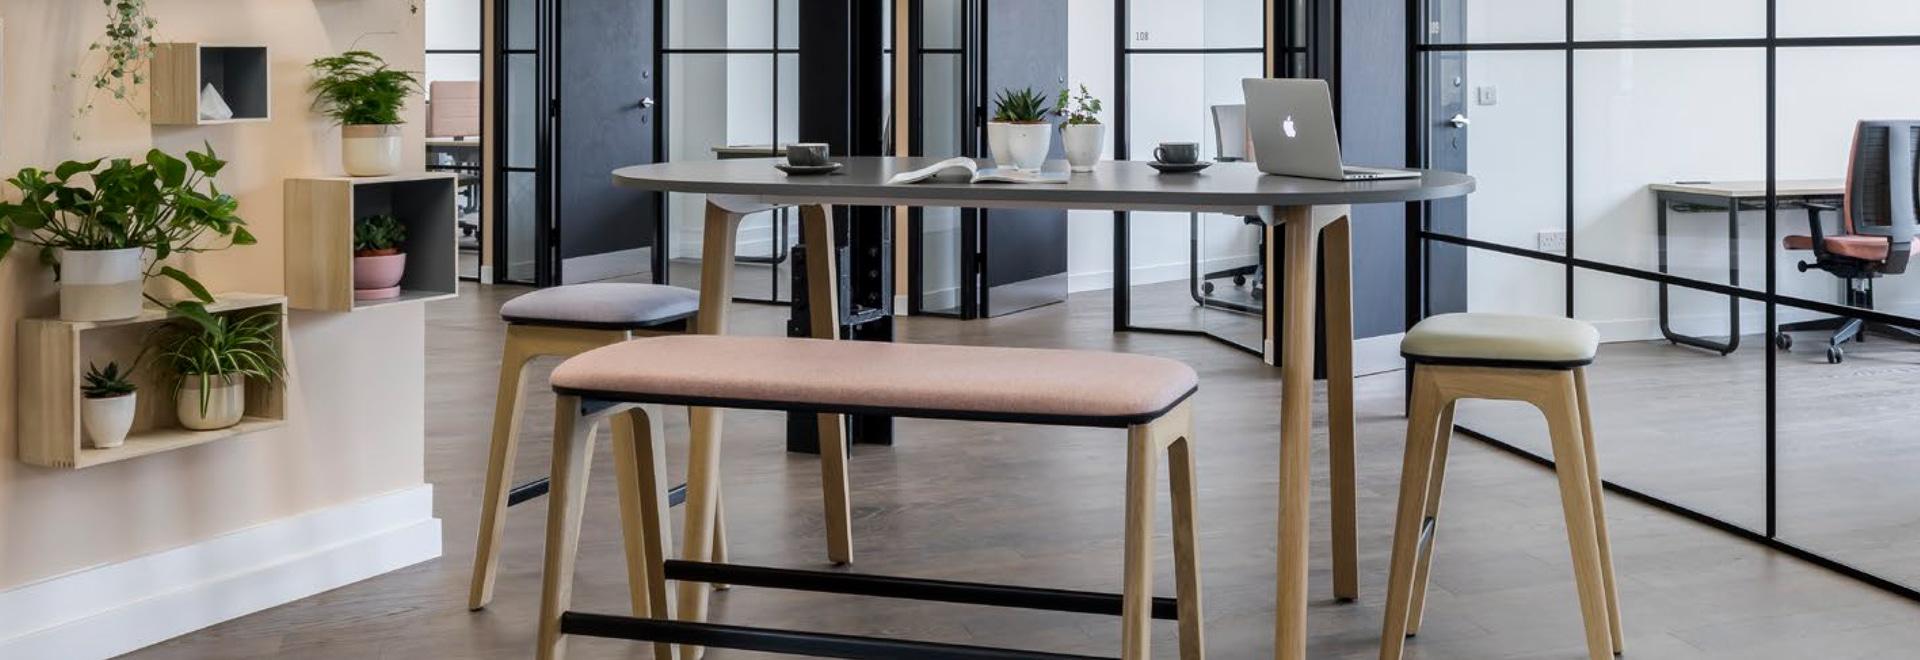 Corporate Office inspiriert durch Zusammenarbeit